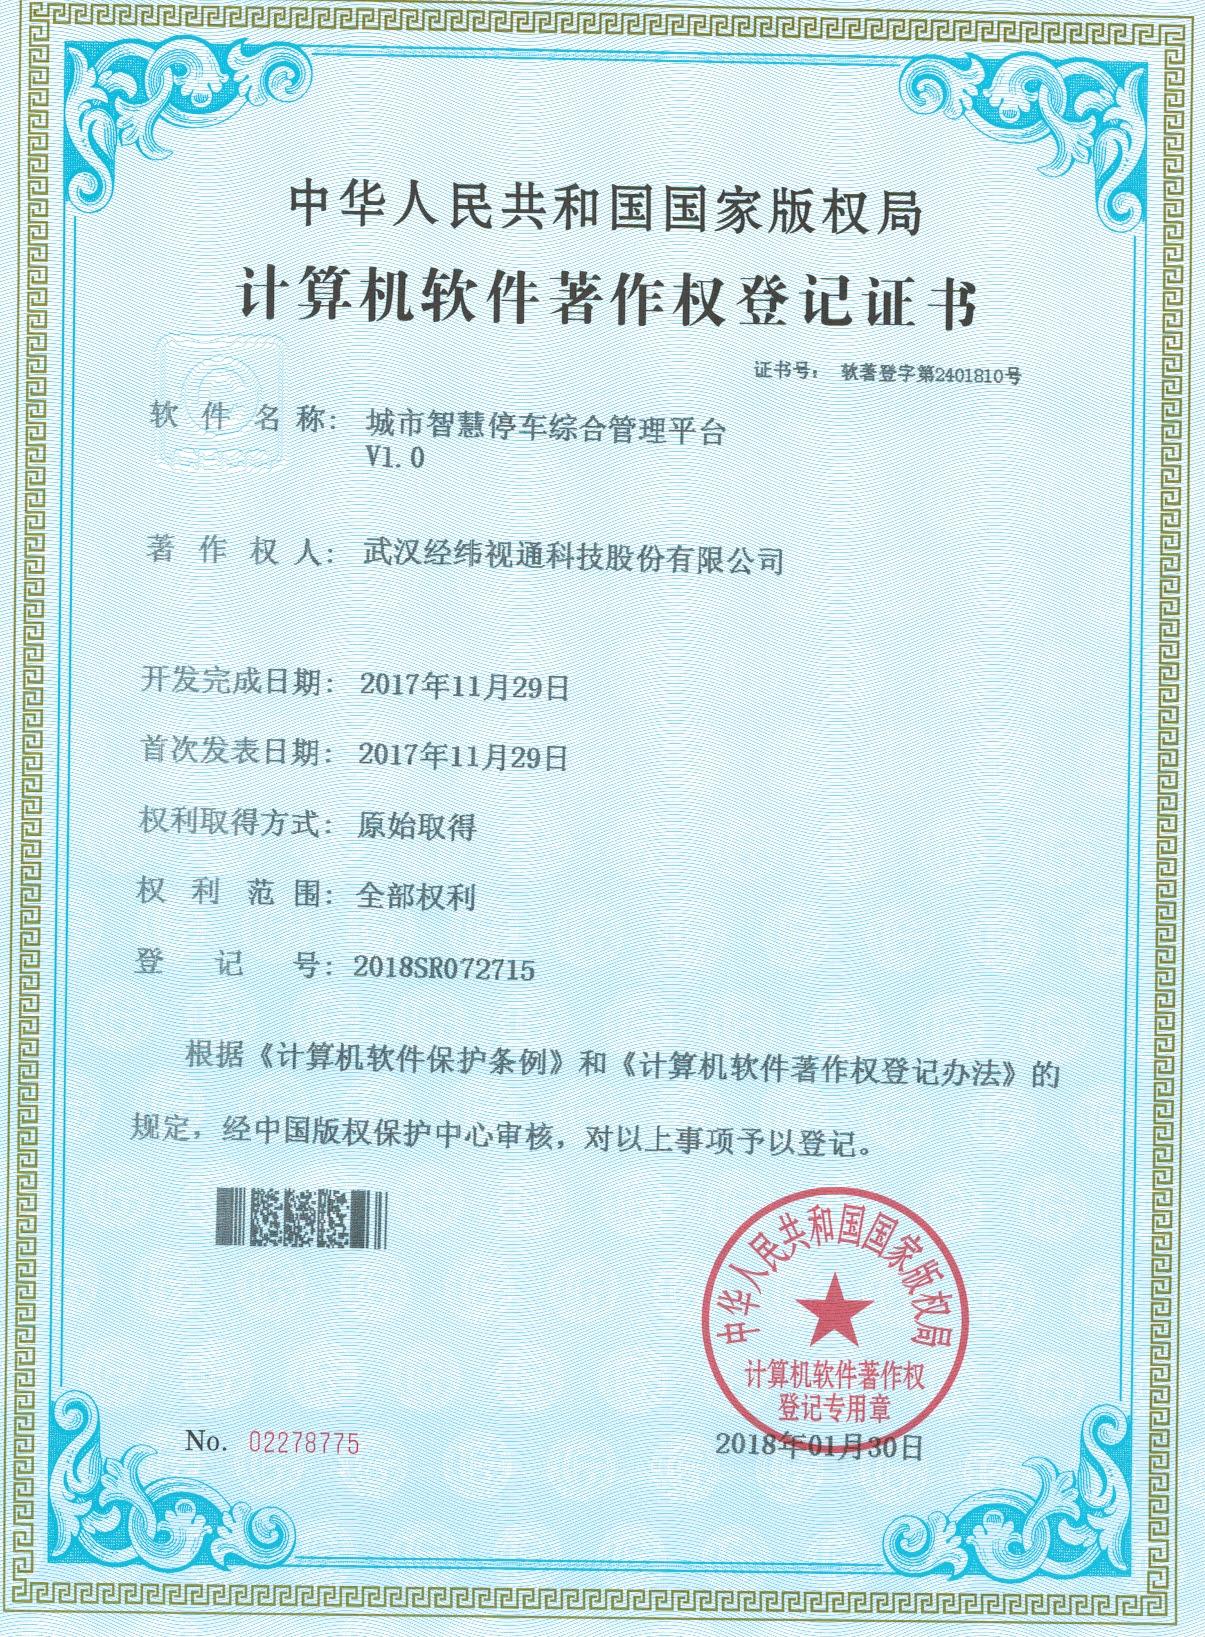 软件著作权登记证书——城市智慧停车综合管理平台v1.0